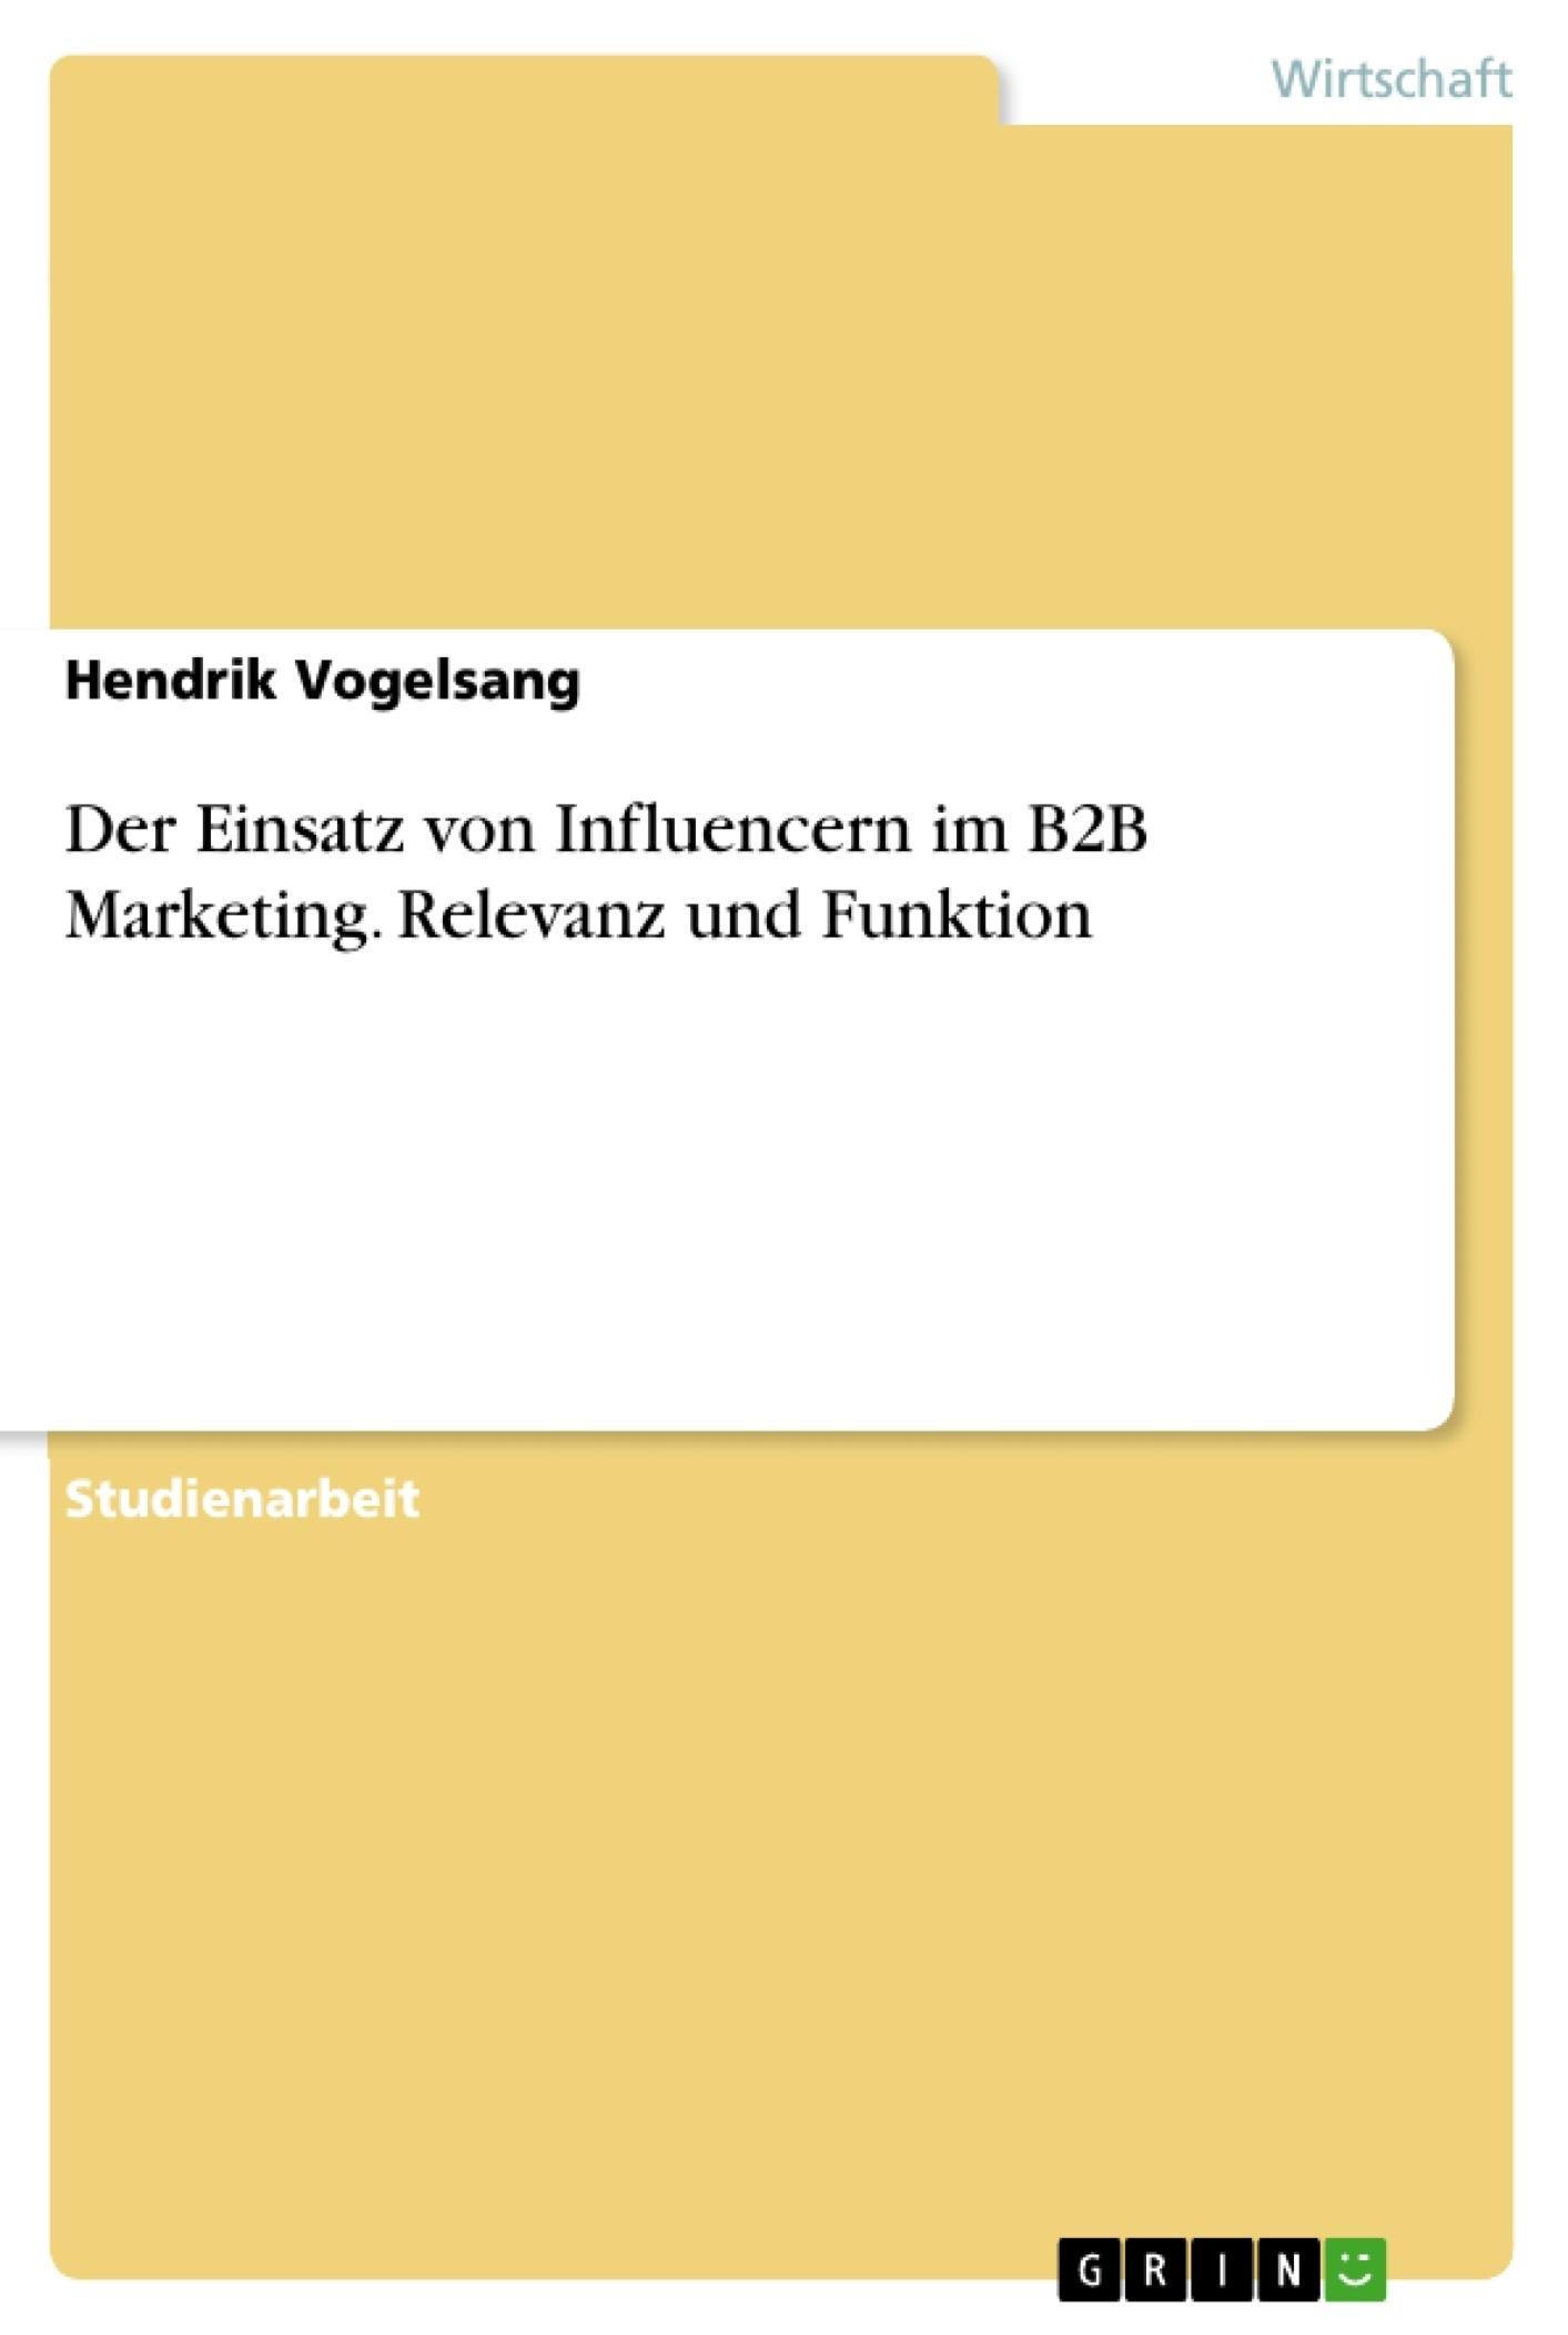 Titel: Der Einsatz von Influencern im B2B Marketing. Relevanz und Funktion